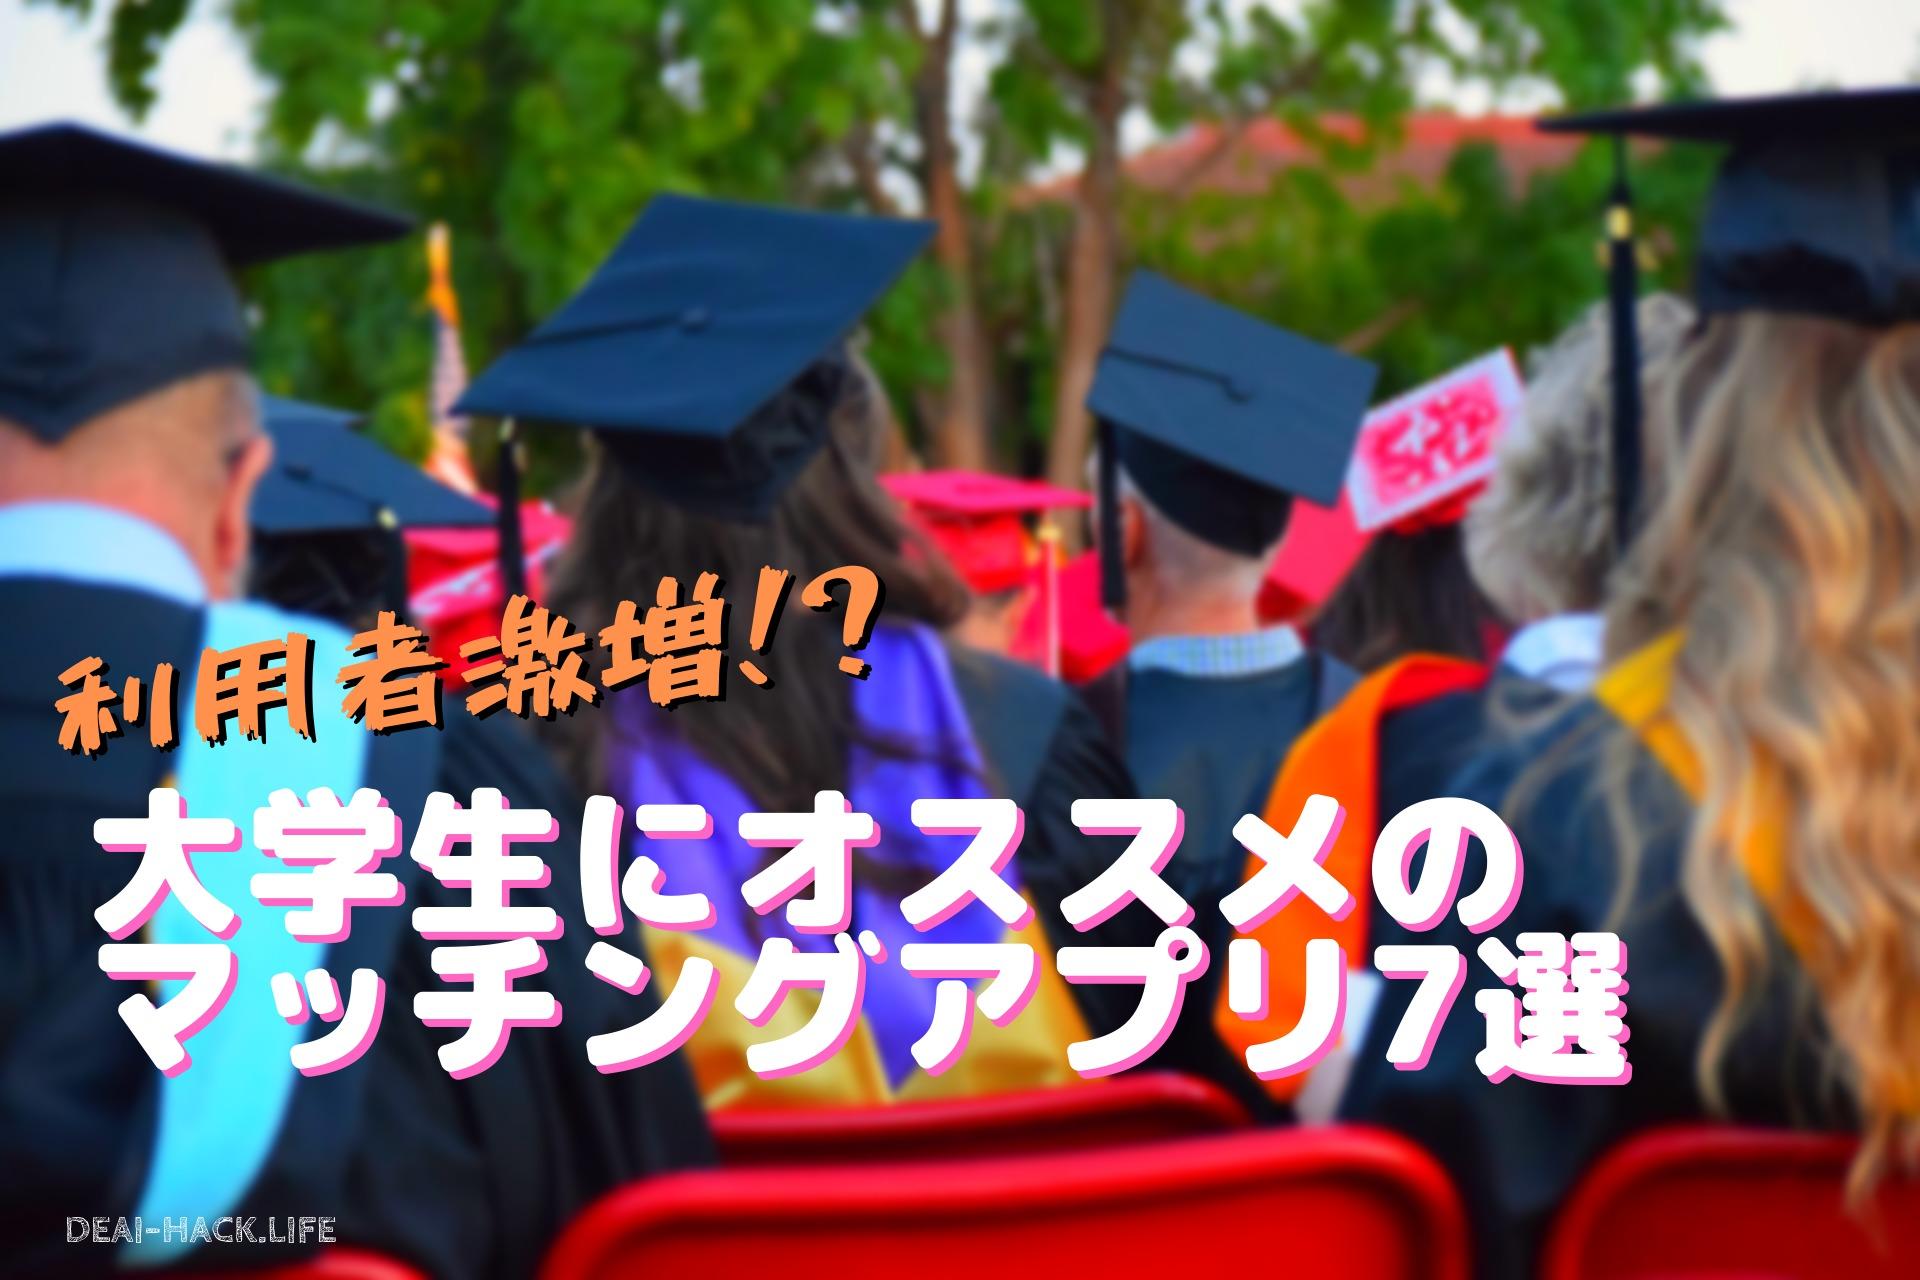 利用者激増!?大学生にオススメのマッチングアプリ7選!